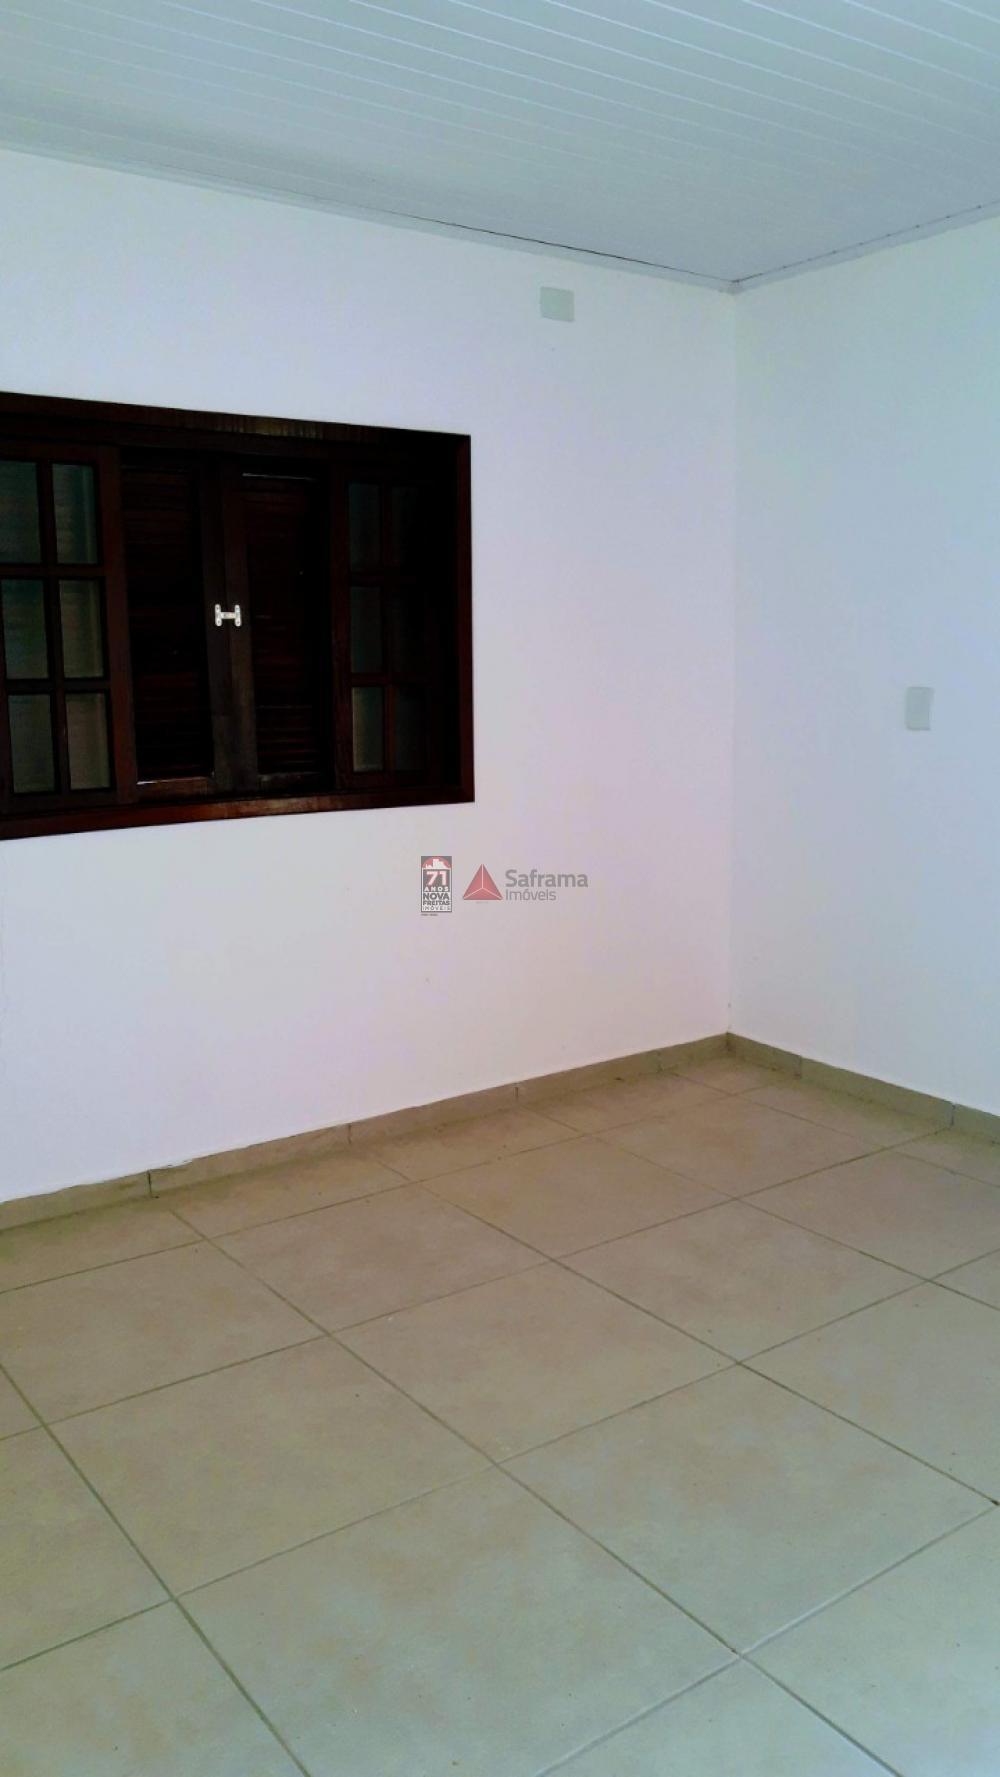 Comprar Casa / Sobrado em Caraguatatuba apenas R$ 436.000,00 - Foto 7